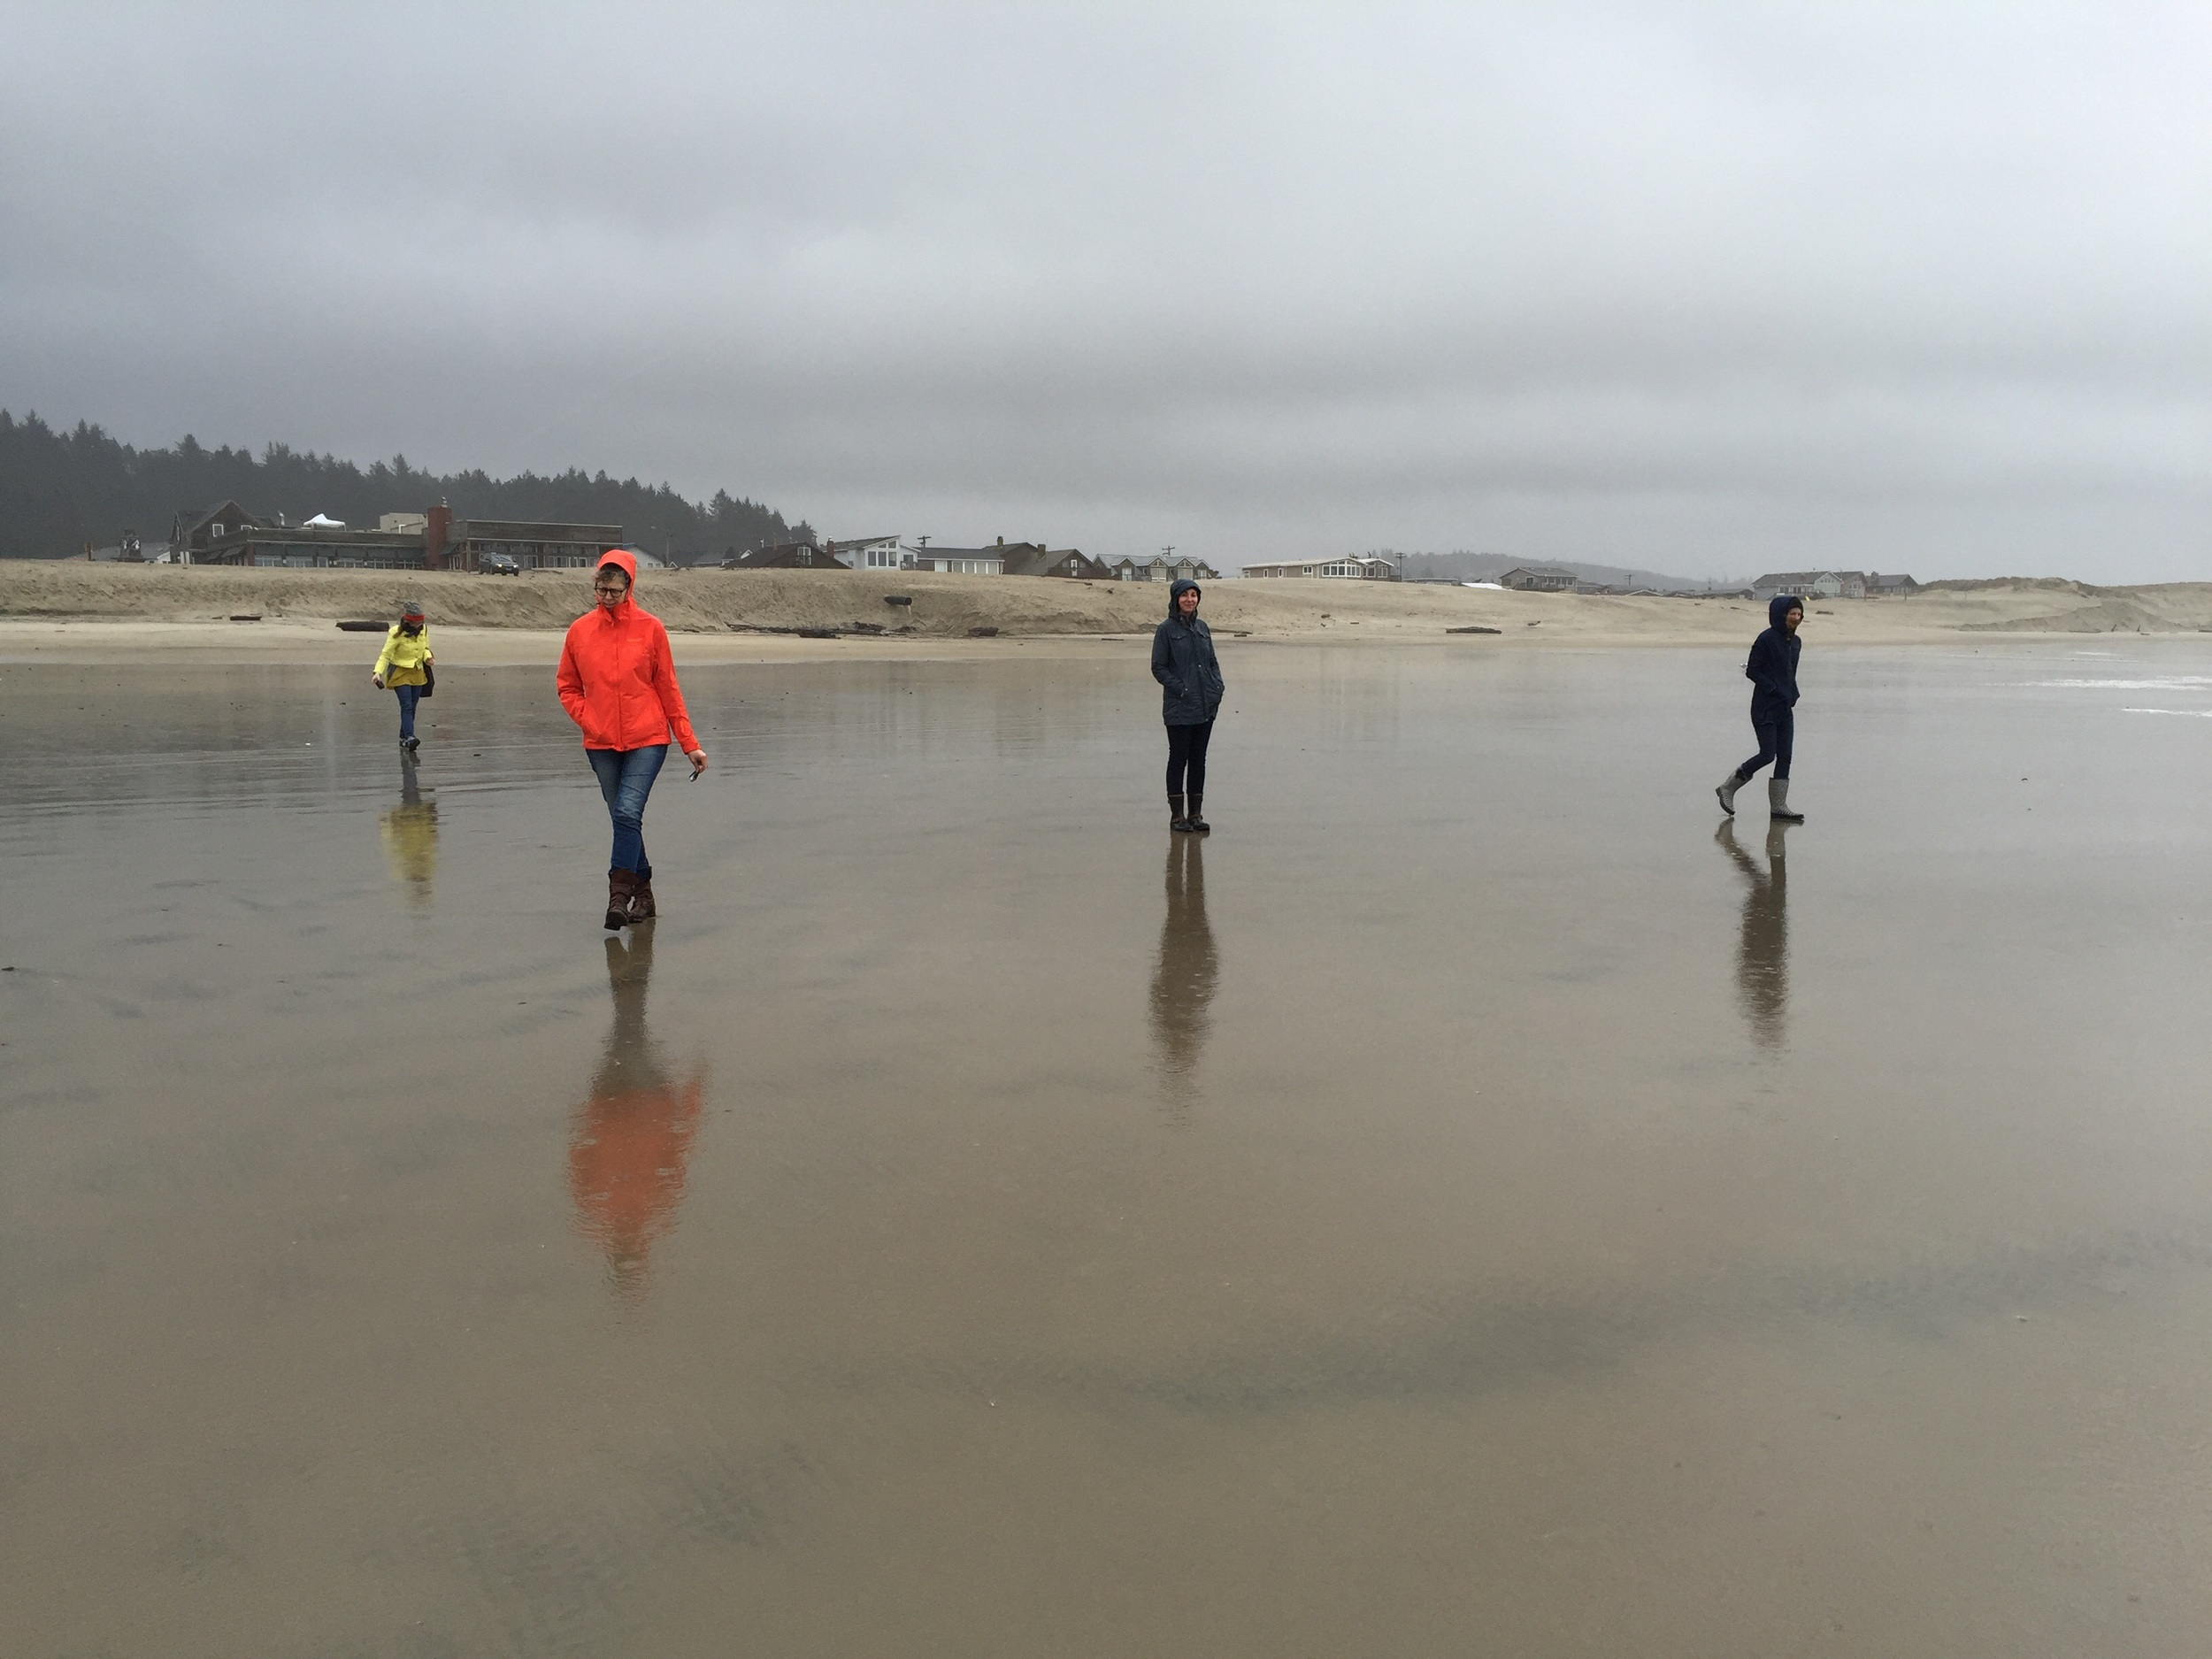 Beach band photo.